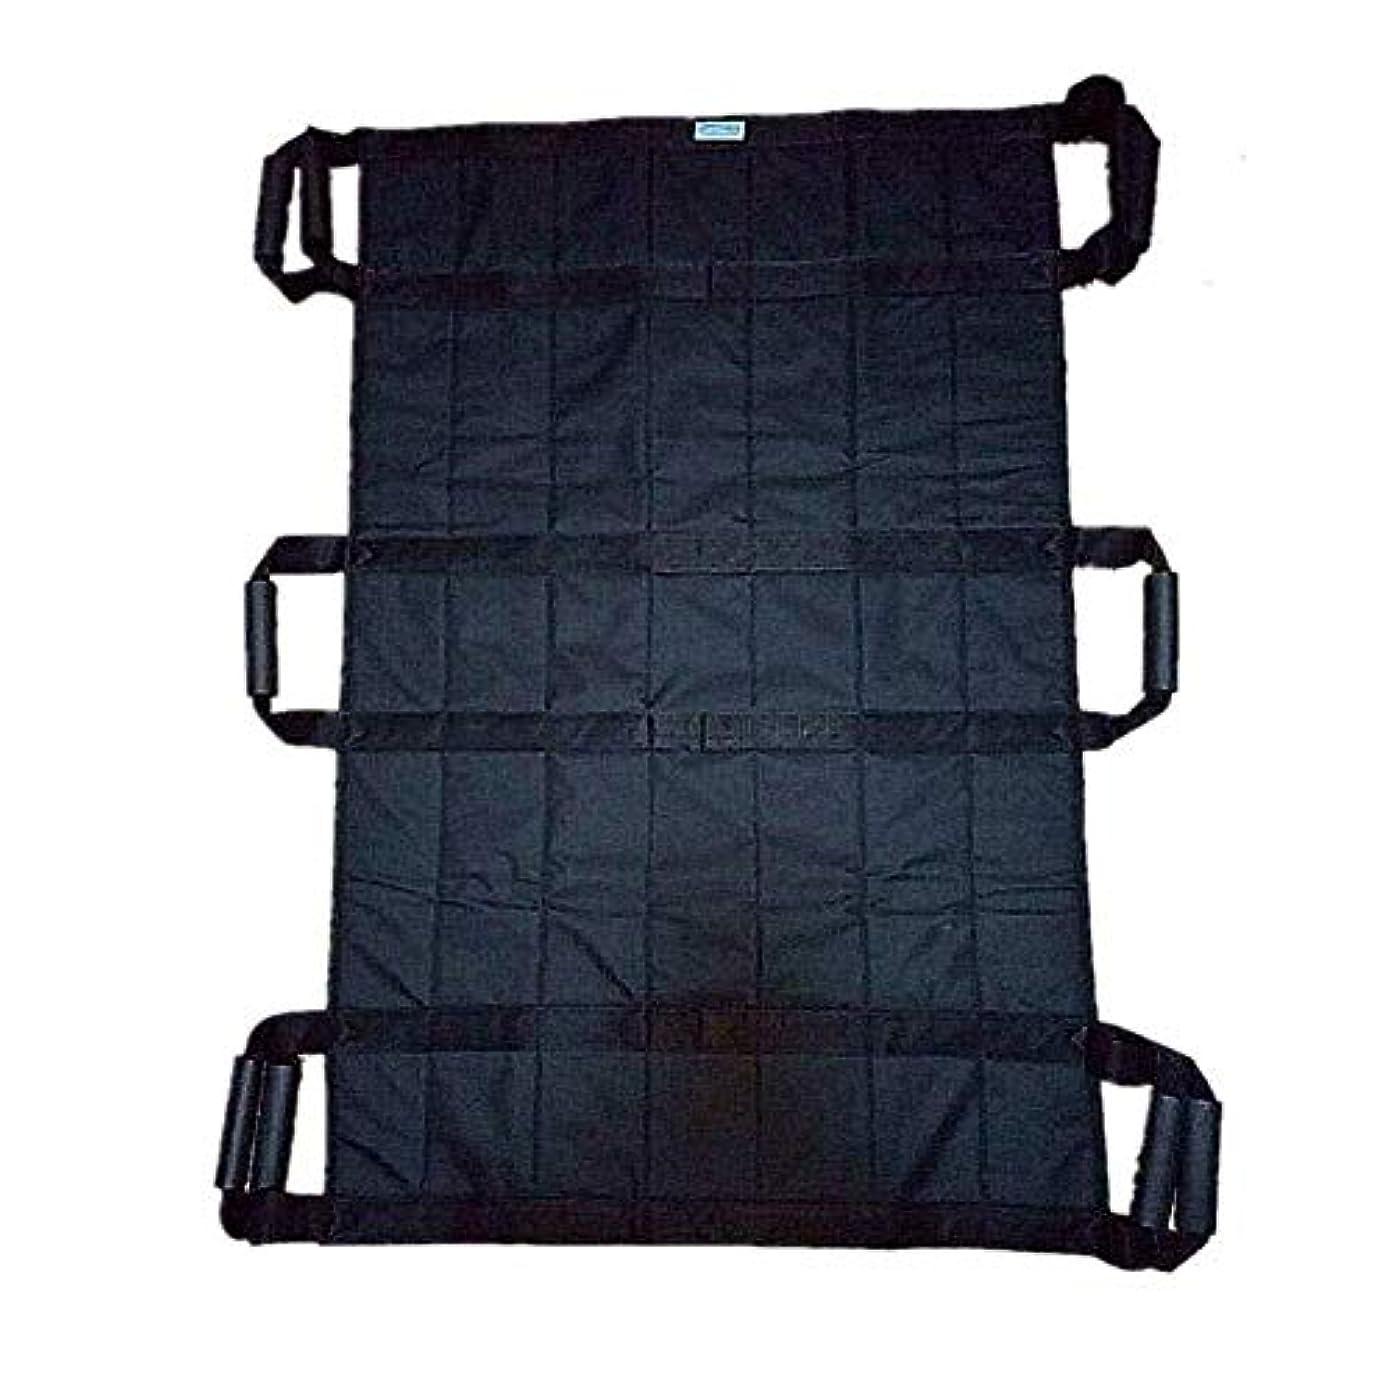 測定可能兵士グラフトランスファーボードスライドベルト-患者リフトベッド支援デバイス-患者輸送リフトスリング-位置決めベッドパッド